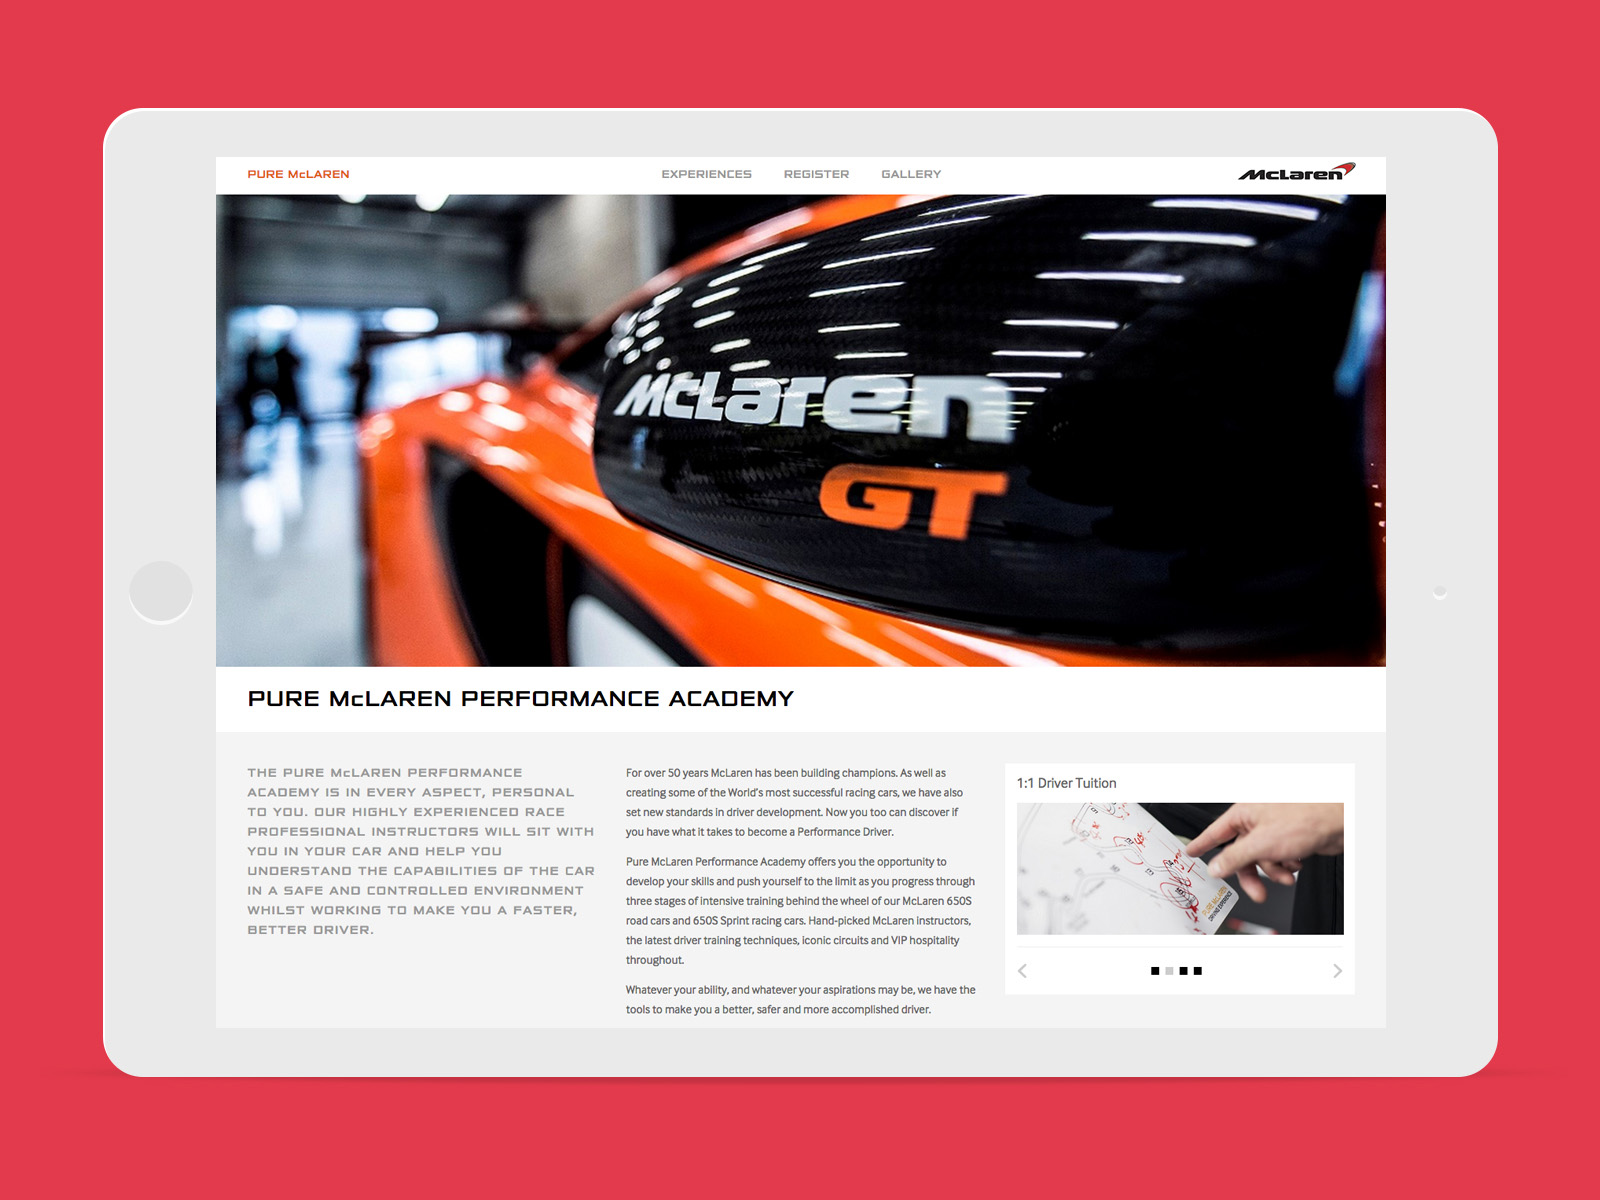 Pure McLaren experiences detail page